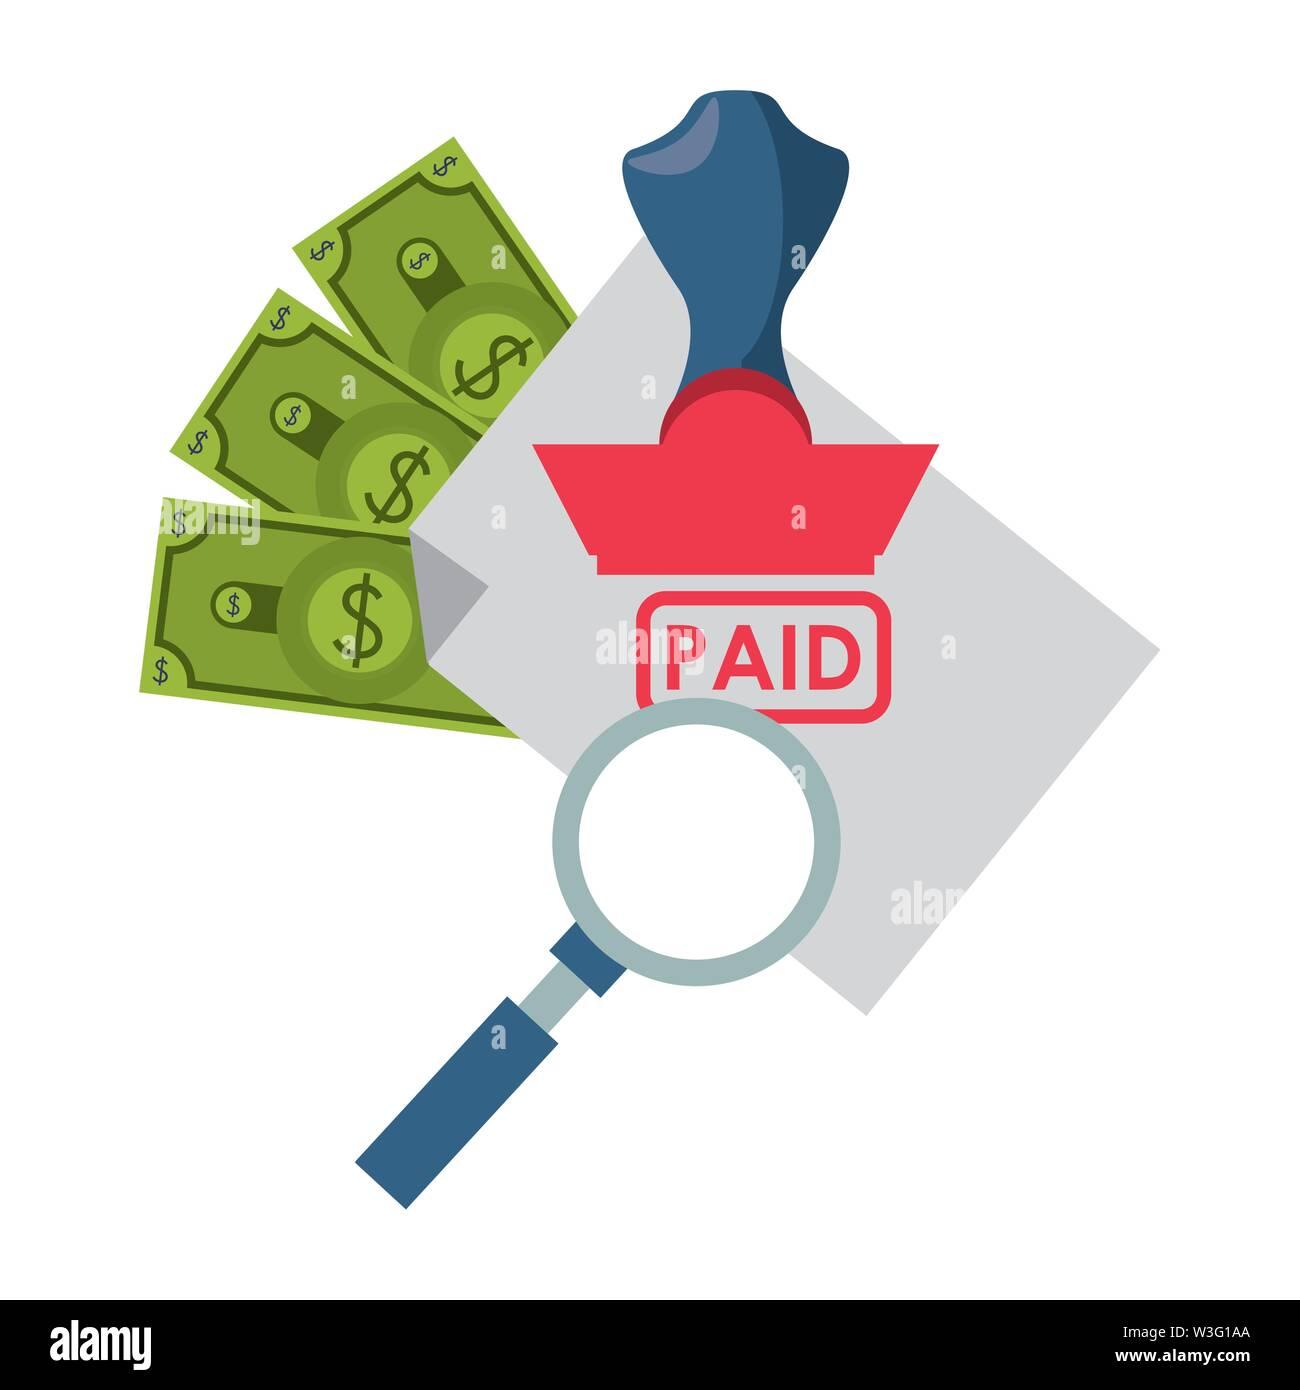 Geld sparen Unternehmen persönliche Finanzierung Zahlung berechnen Elemente cartoon Vector Illustration graphic design Stockbild